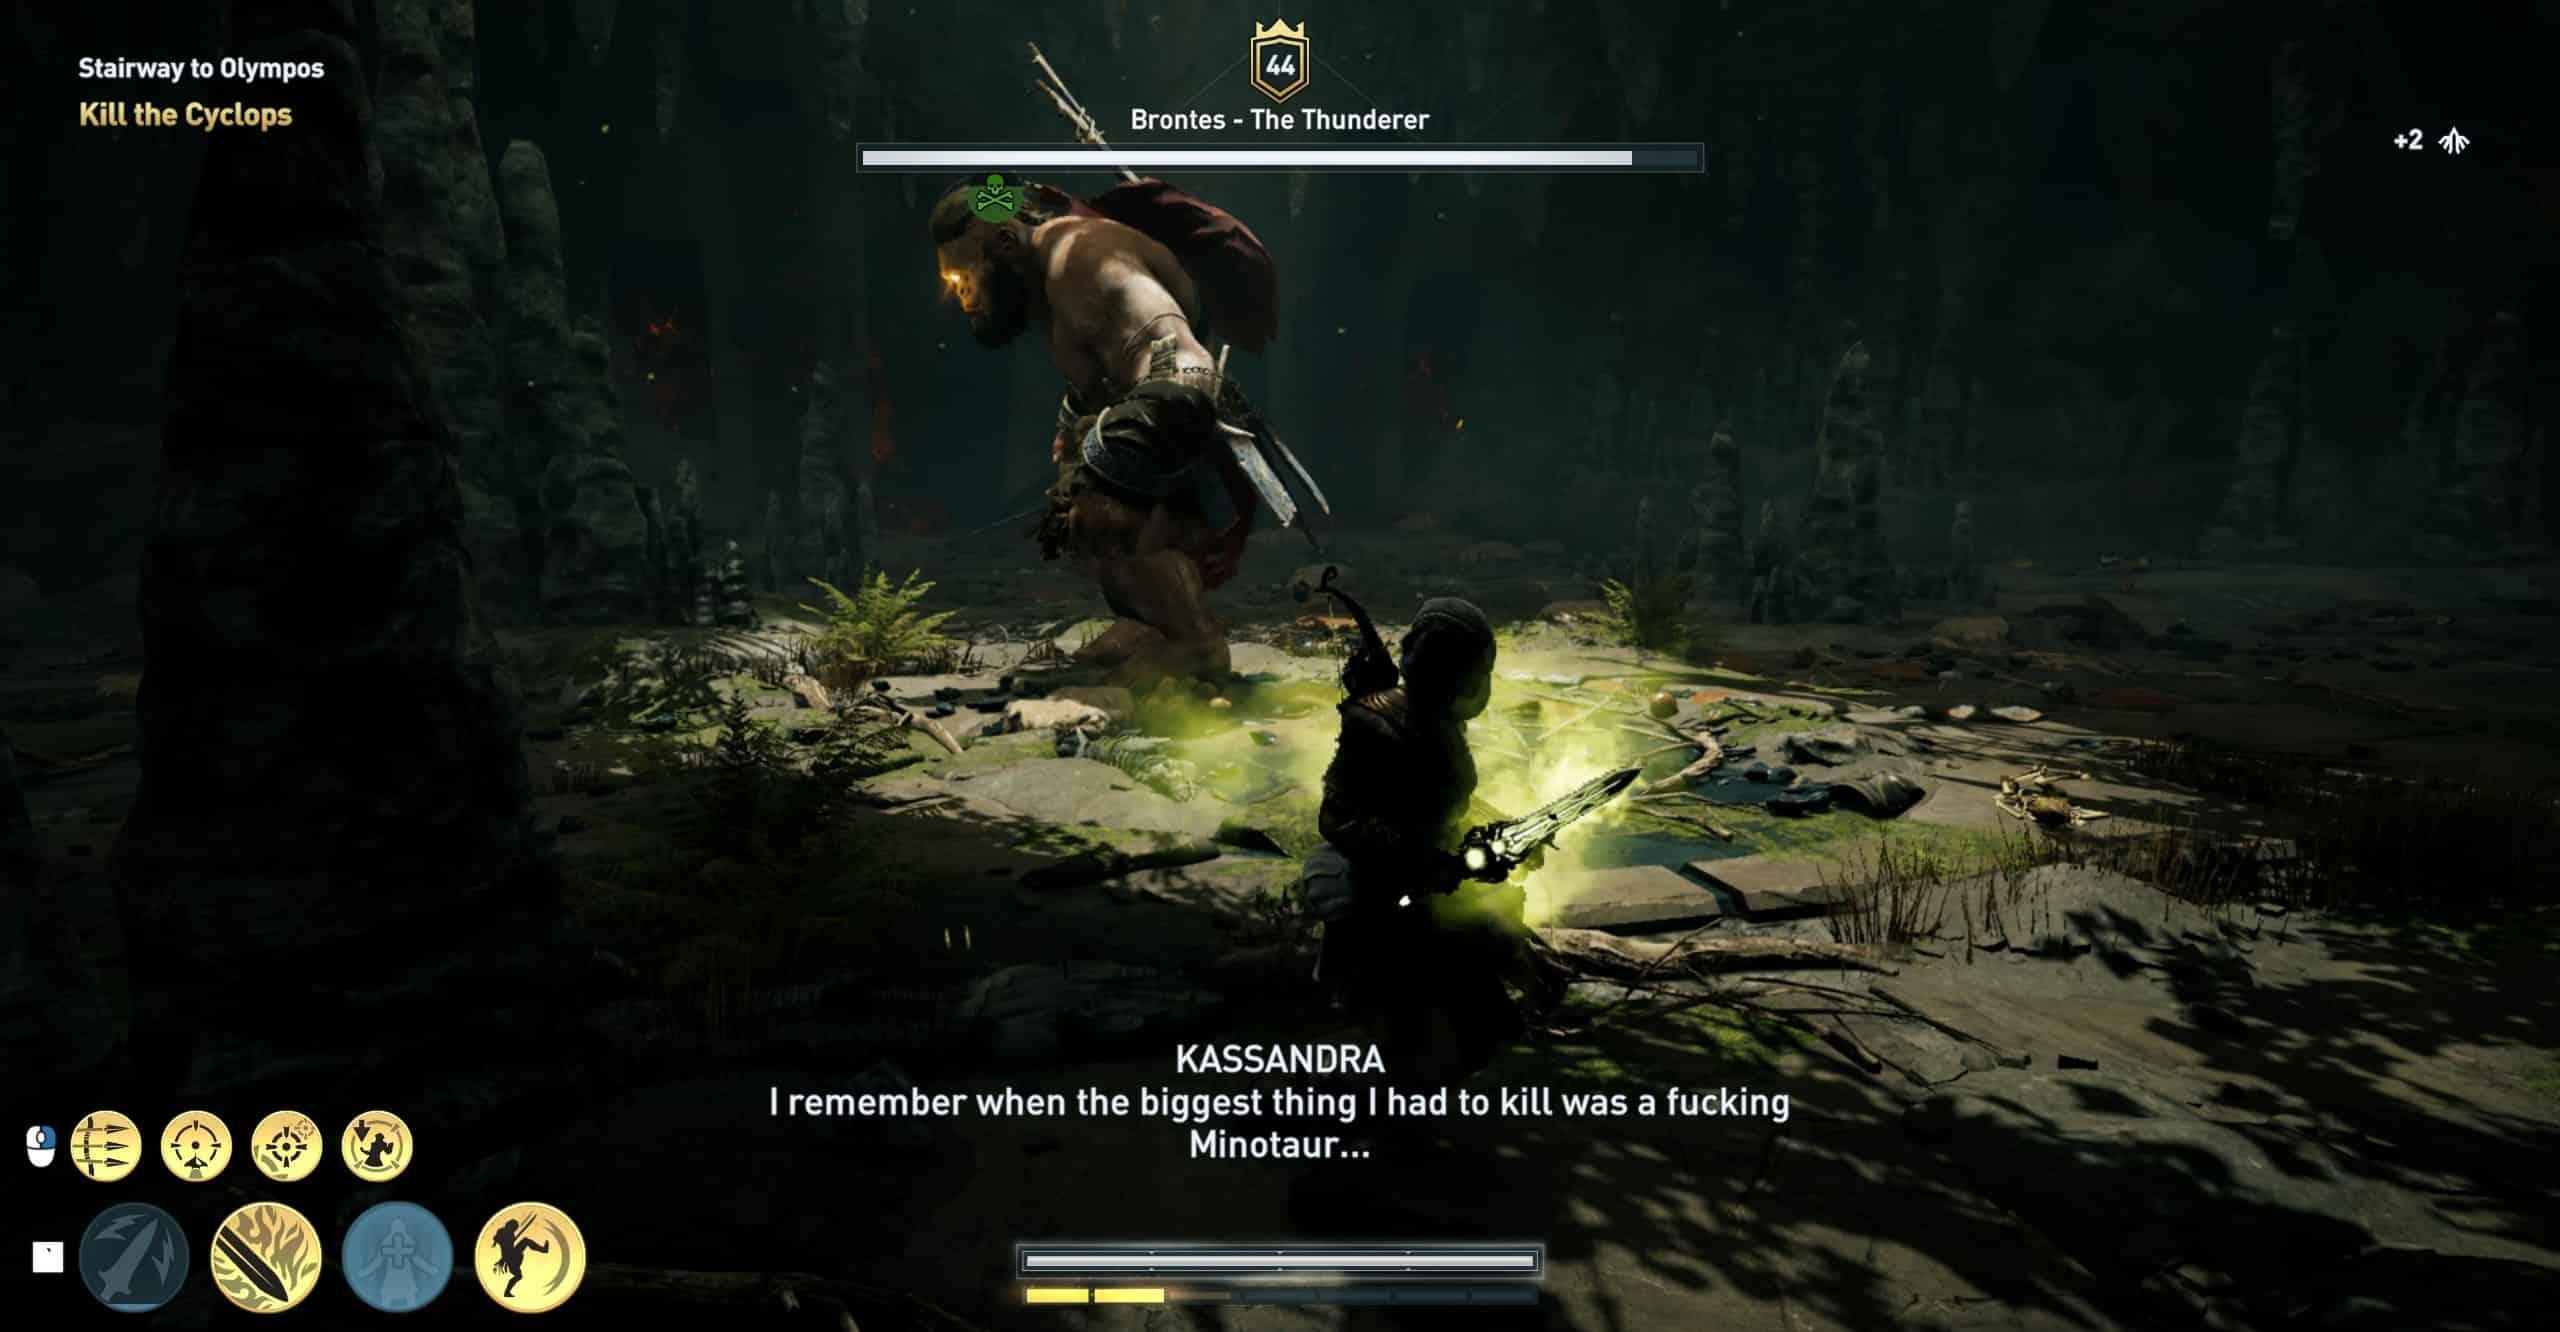 assassins creed odyssey minotaur location